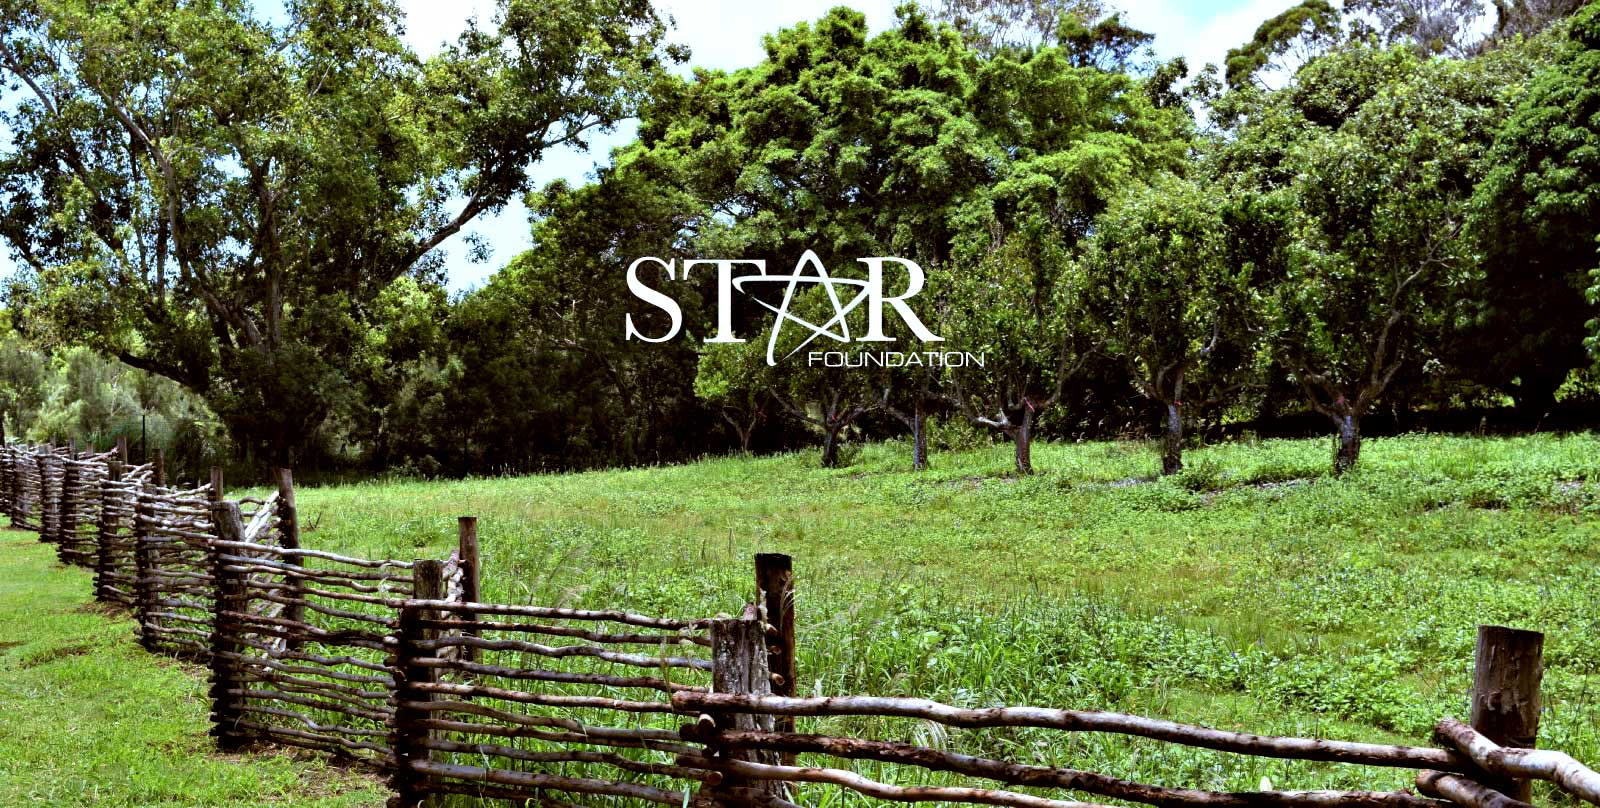 Star Retreats - starfound.org